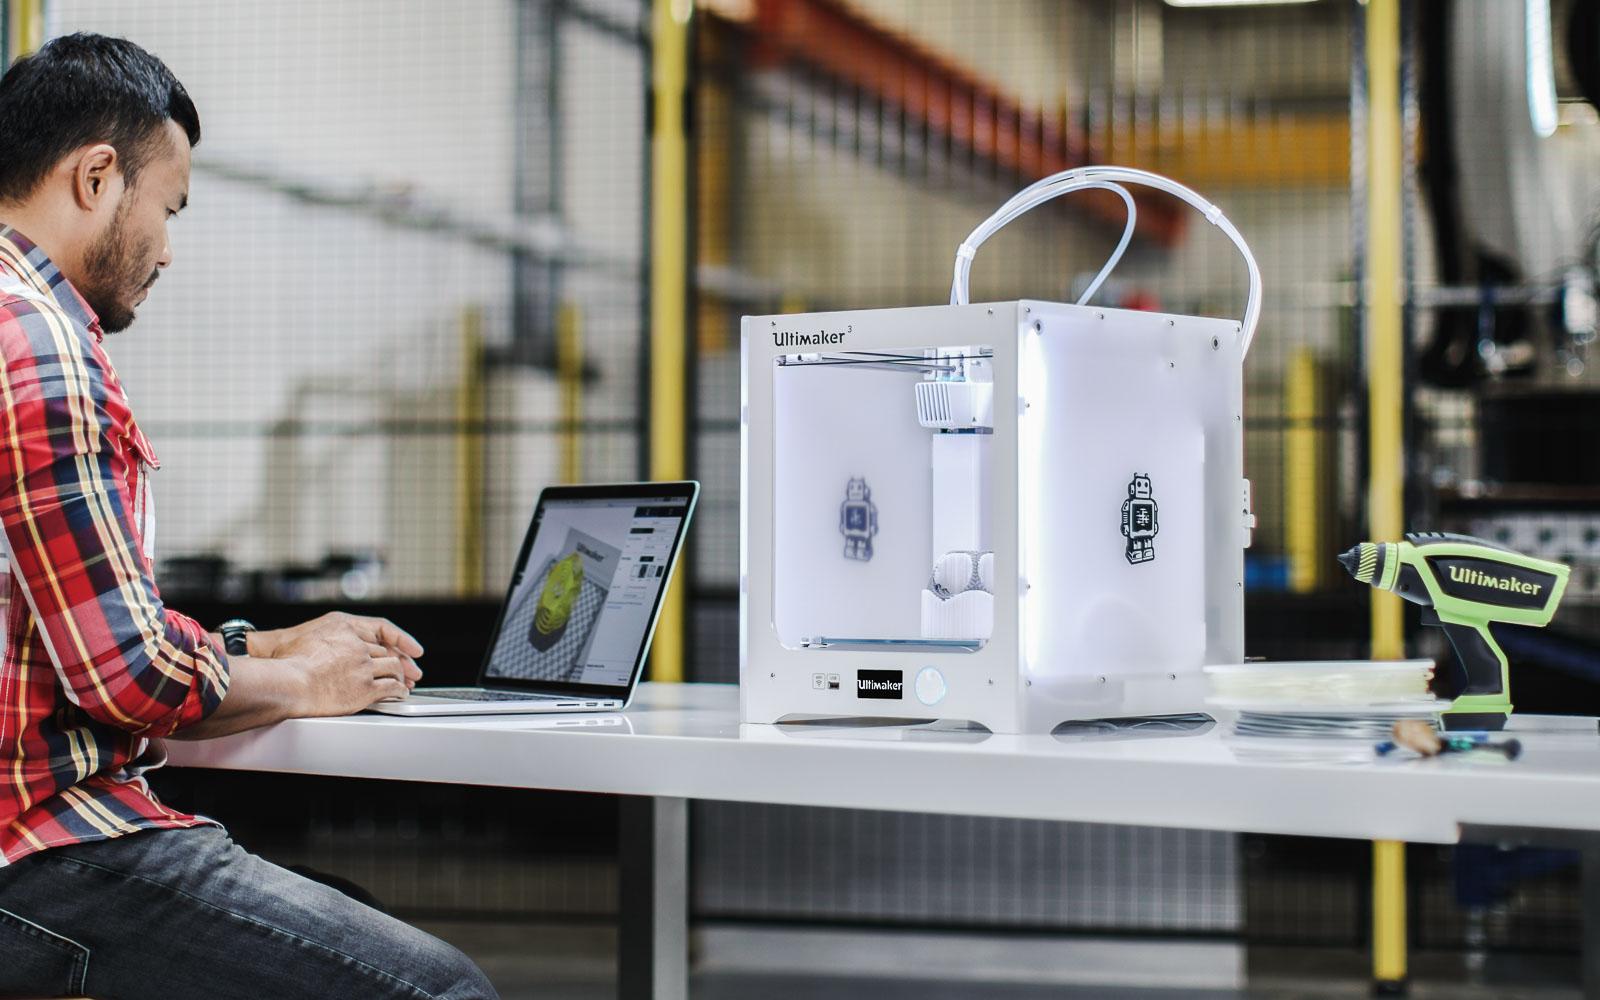 پرینتر سه بعدی FDM رومیزی ، مناسب برای نمونه سازی سریع، به صرفه و بدون دردسر ( پرینتر سه بعدی Ultimaker)